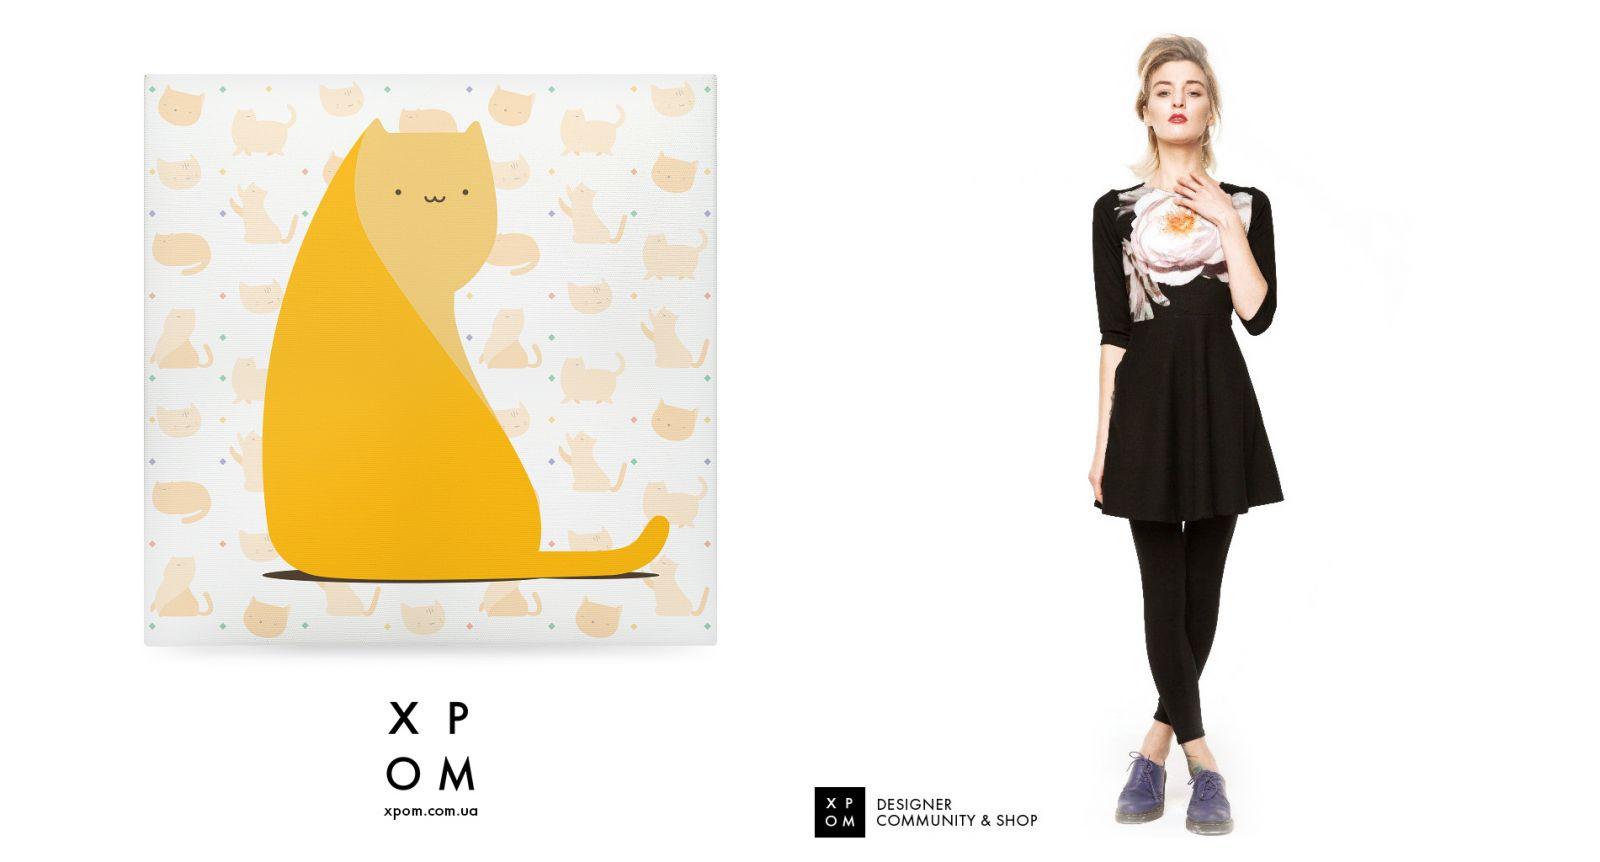 Где покупать одежду украинских дизайнеров - фото №3